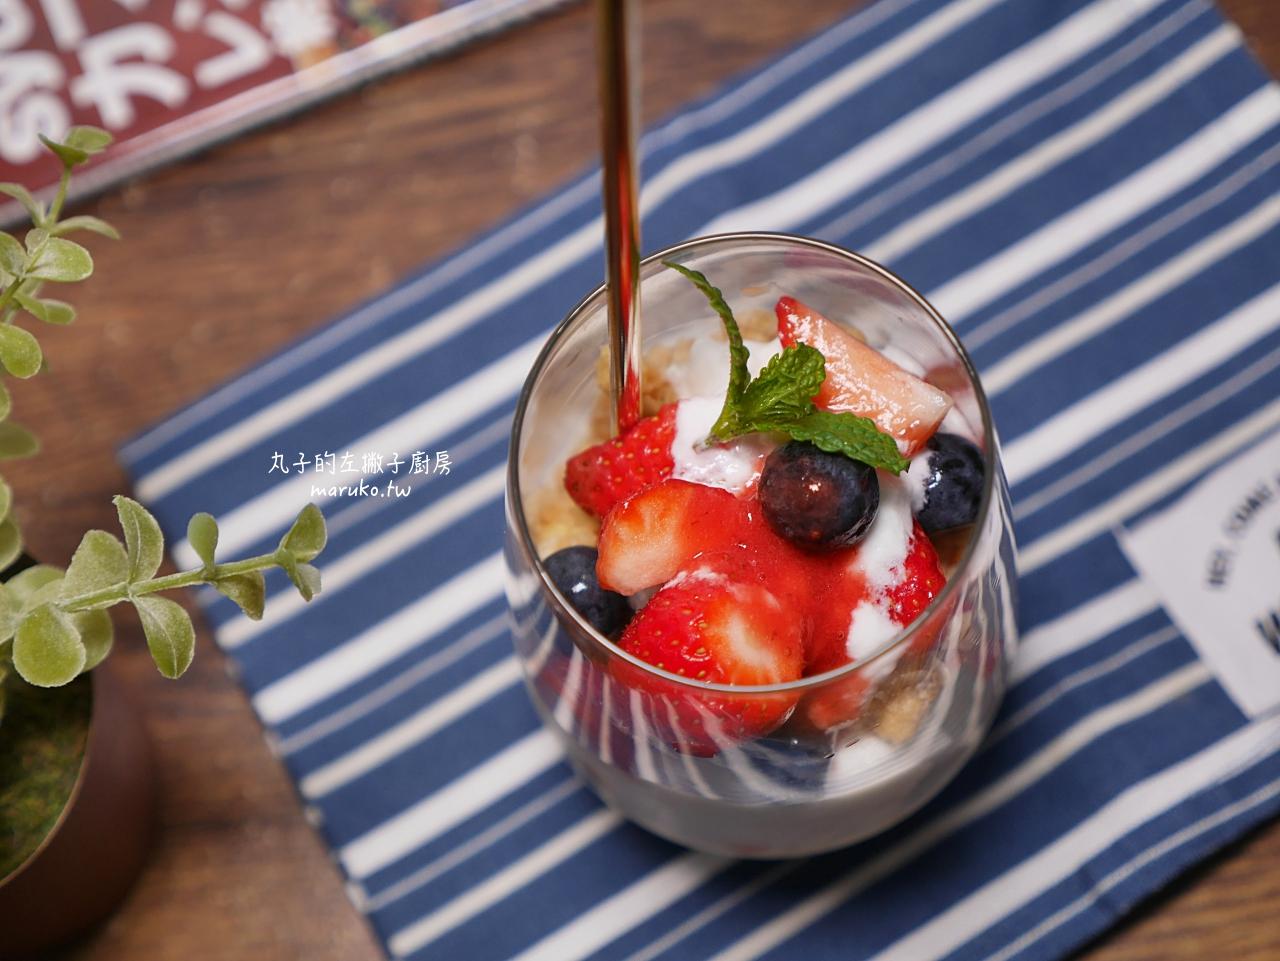 【食譜】新鮮水果優格杯/夏日的涼爽優格做法/日清果物穀物麥片吃法推薦 @Maruko與美食有個約會